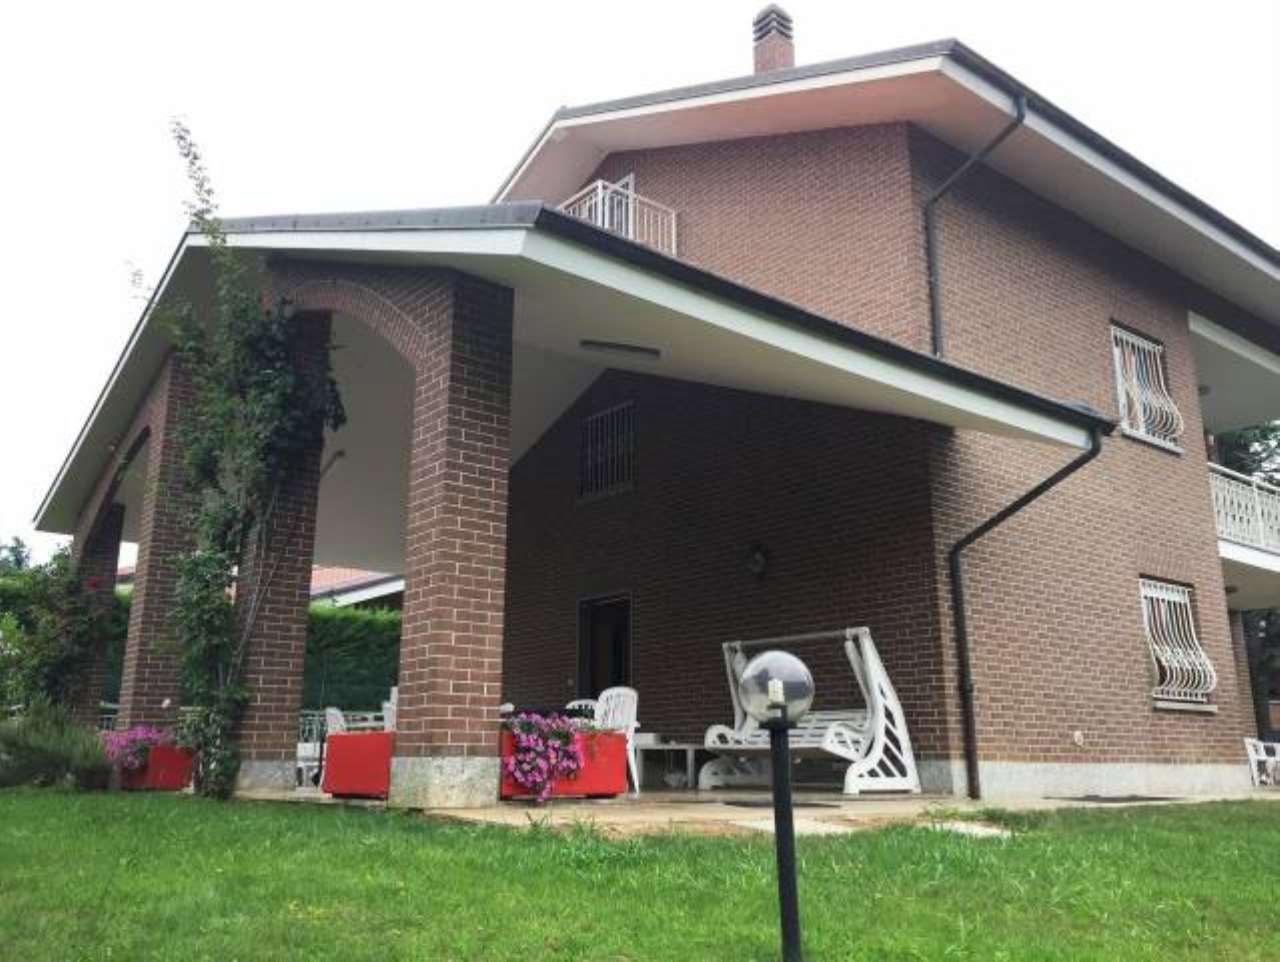 Villa in vendita a Villarbasse, 6 locali, prezzo € 440.000 | CambioCasa.it